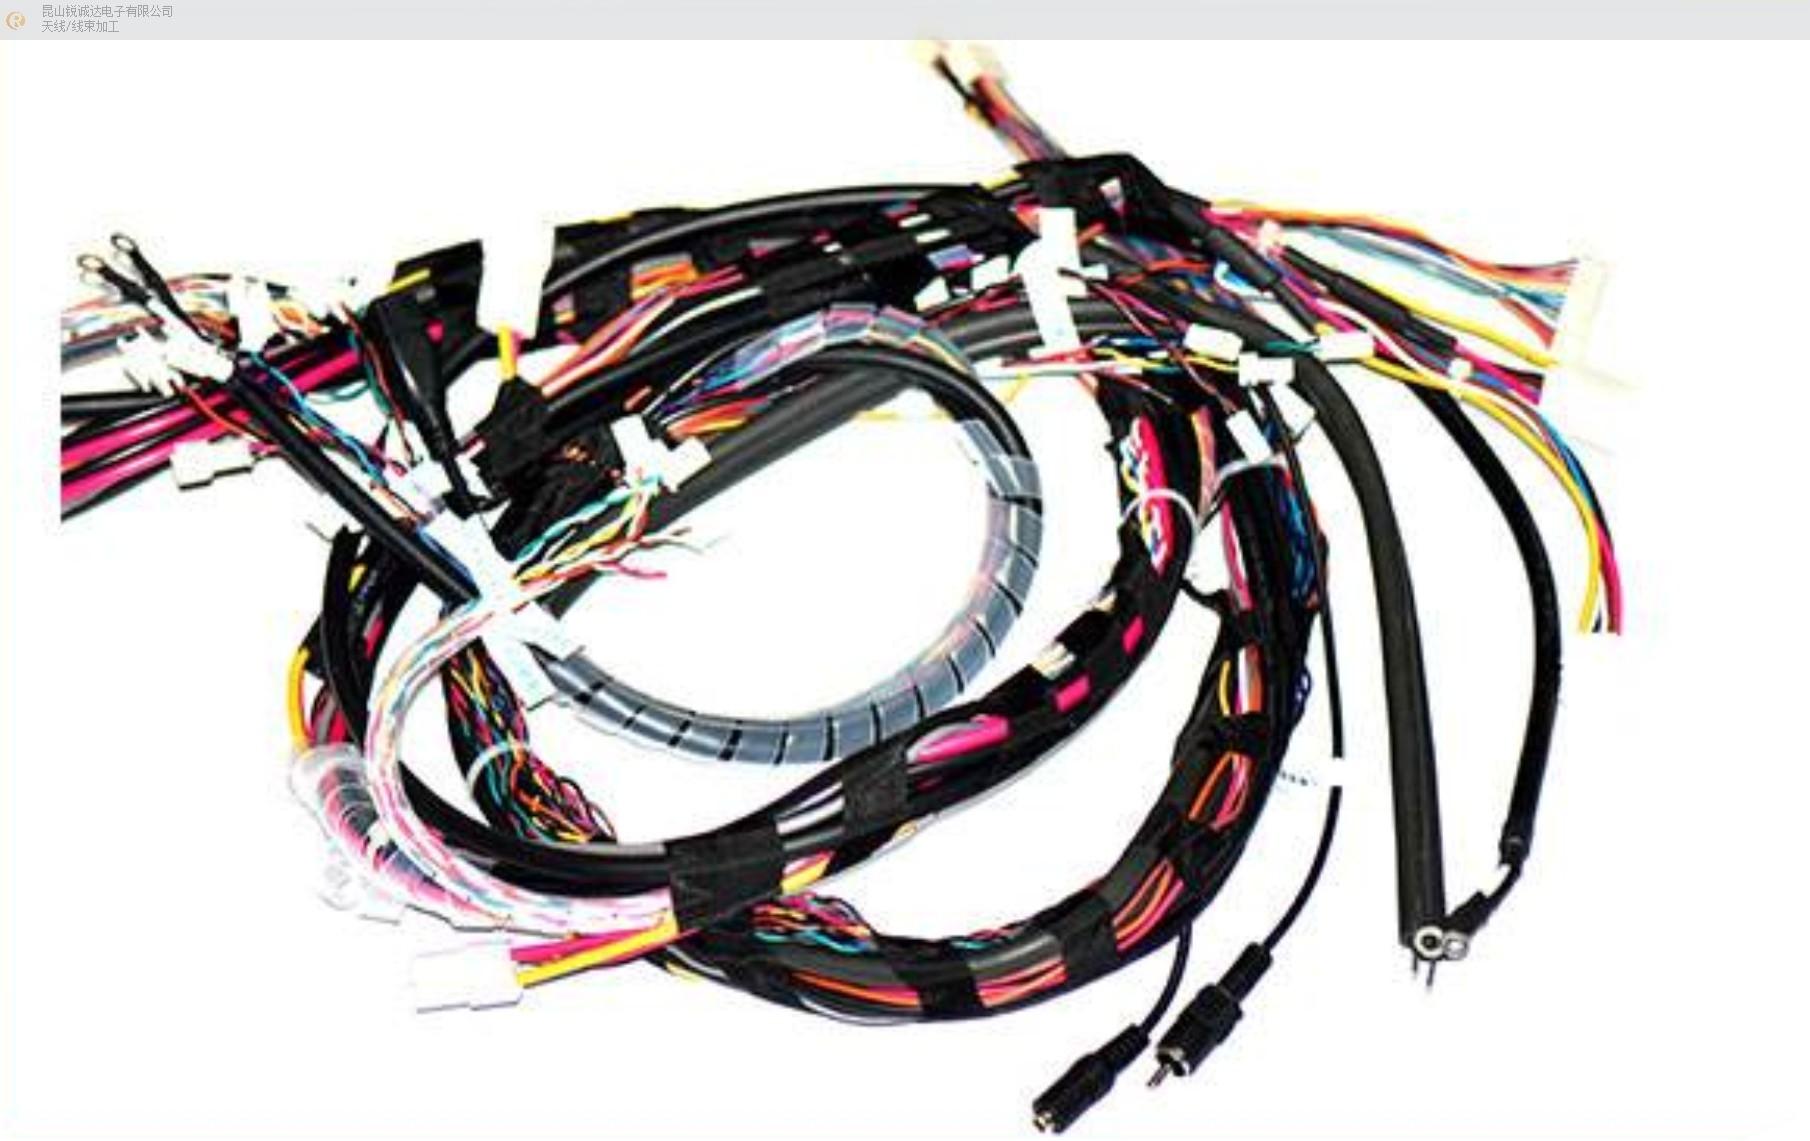 福建台式电脑连接线有几种,电脑连接线